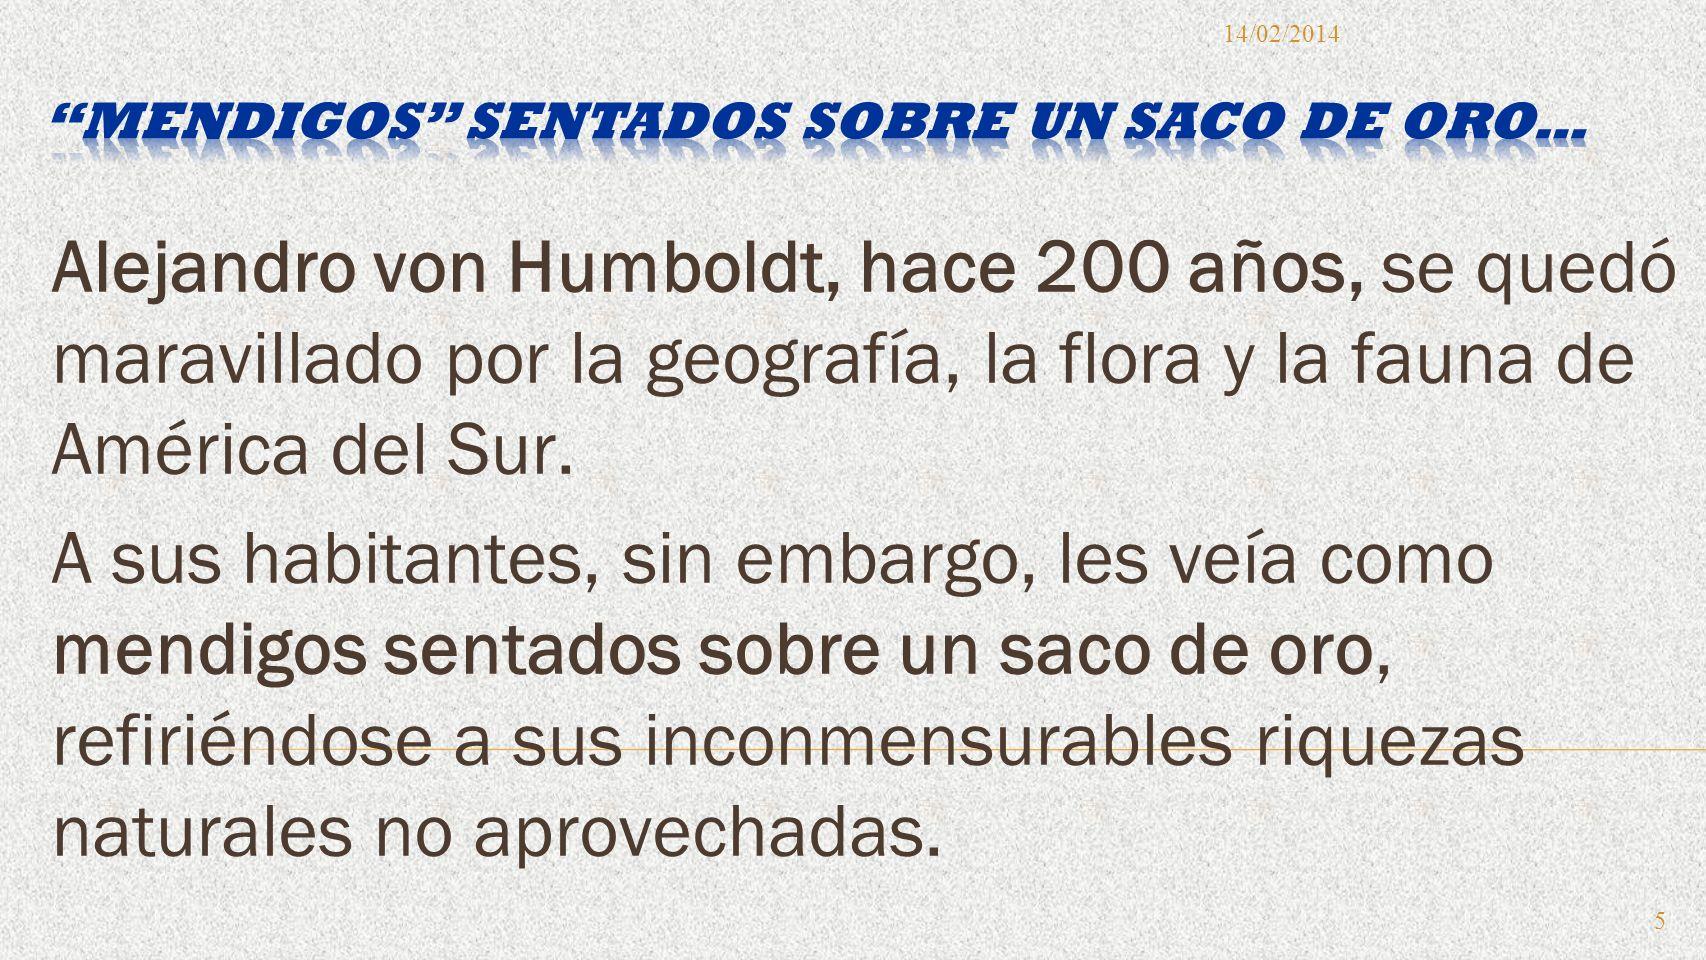 Alejandro von Humboldt, hace 200 años, se quedó maravillado por la geografía, la flora y la fauna de América del Sur. A sus habitantes, sin embargo, l